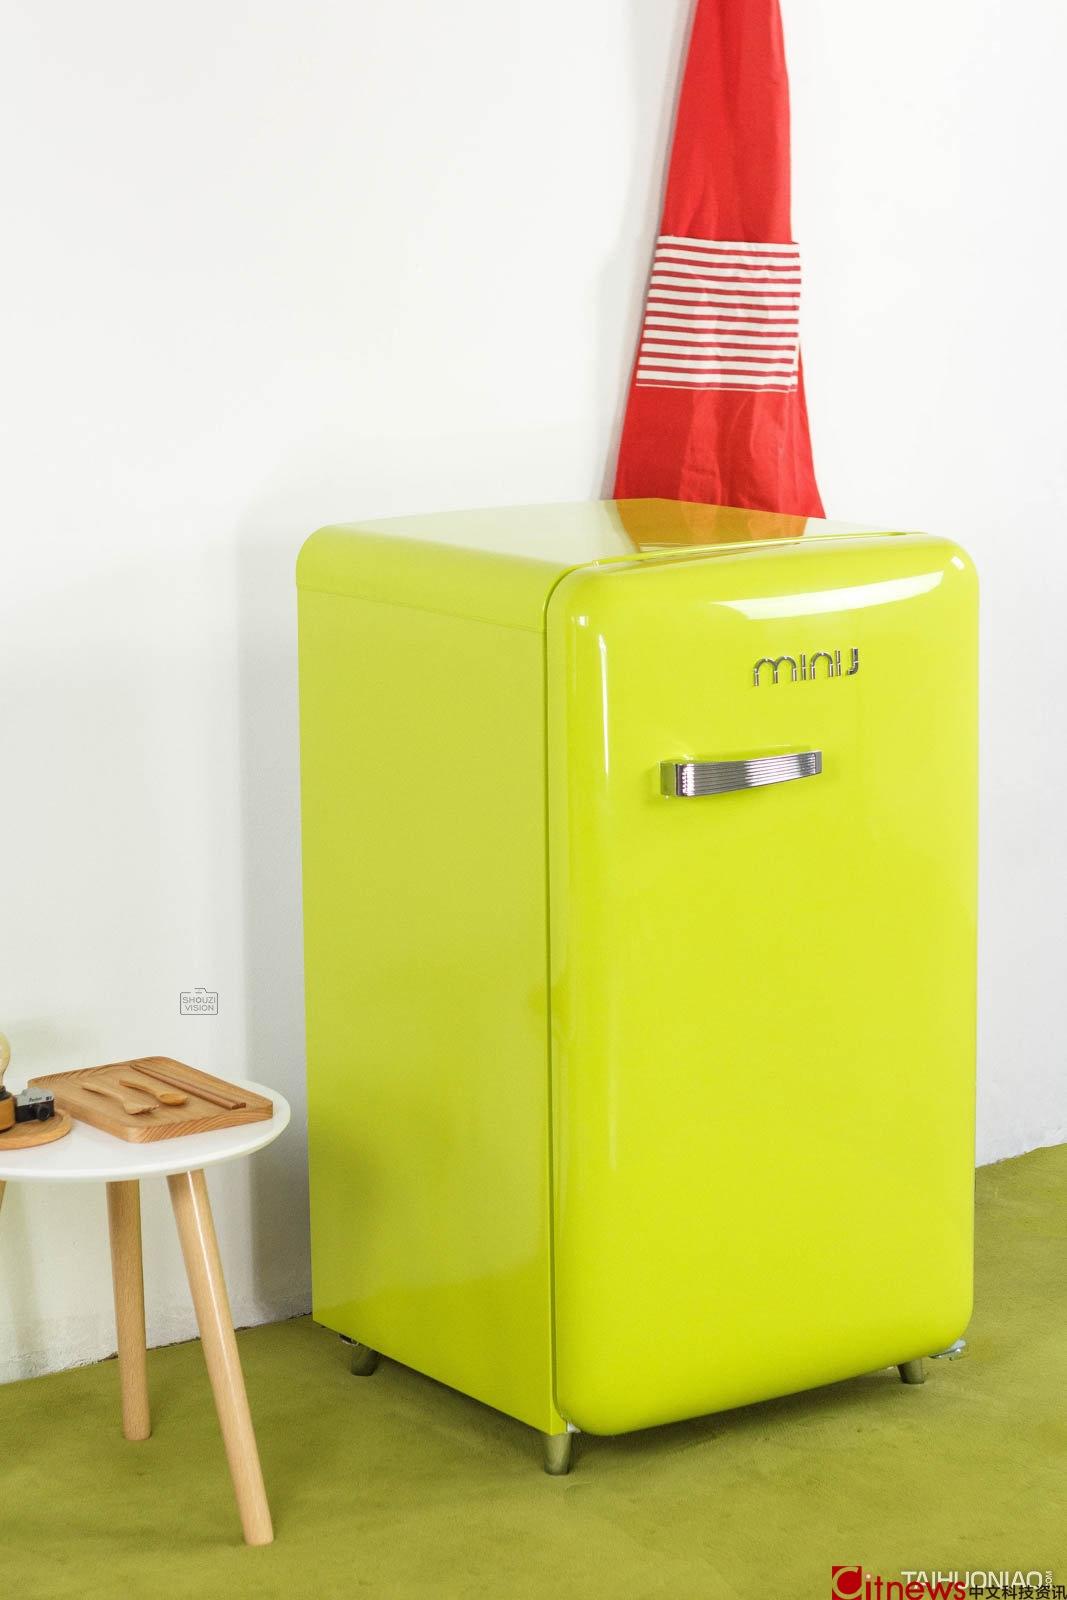 给家里添道风景 可以选它:小吉复古冰箱